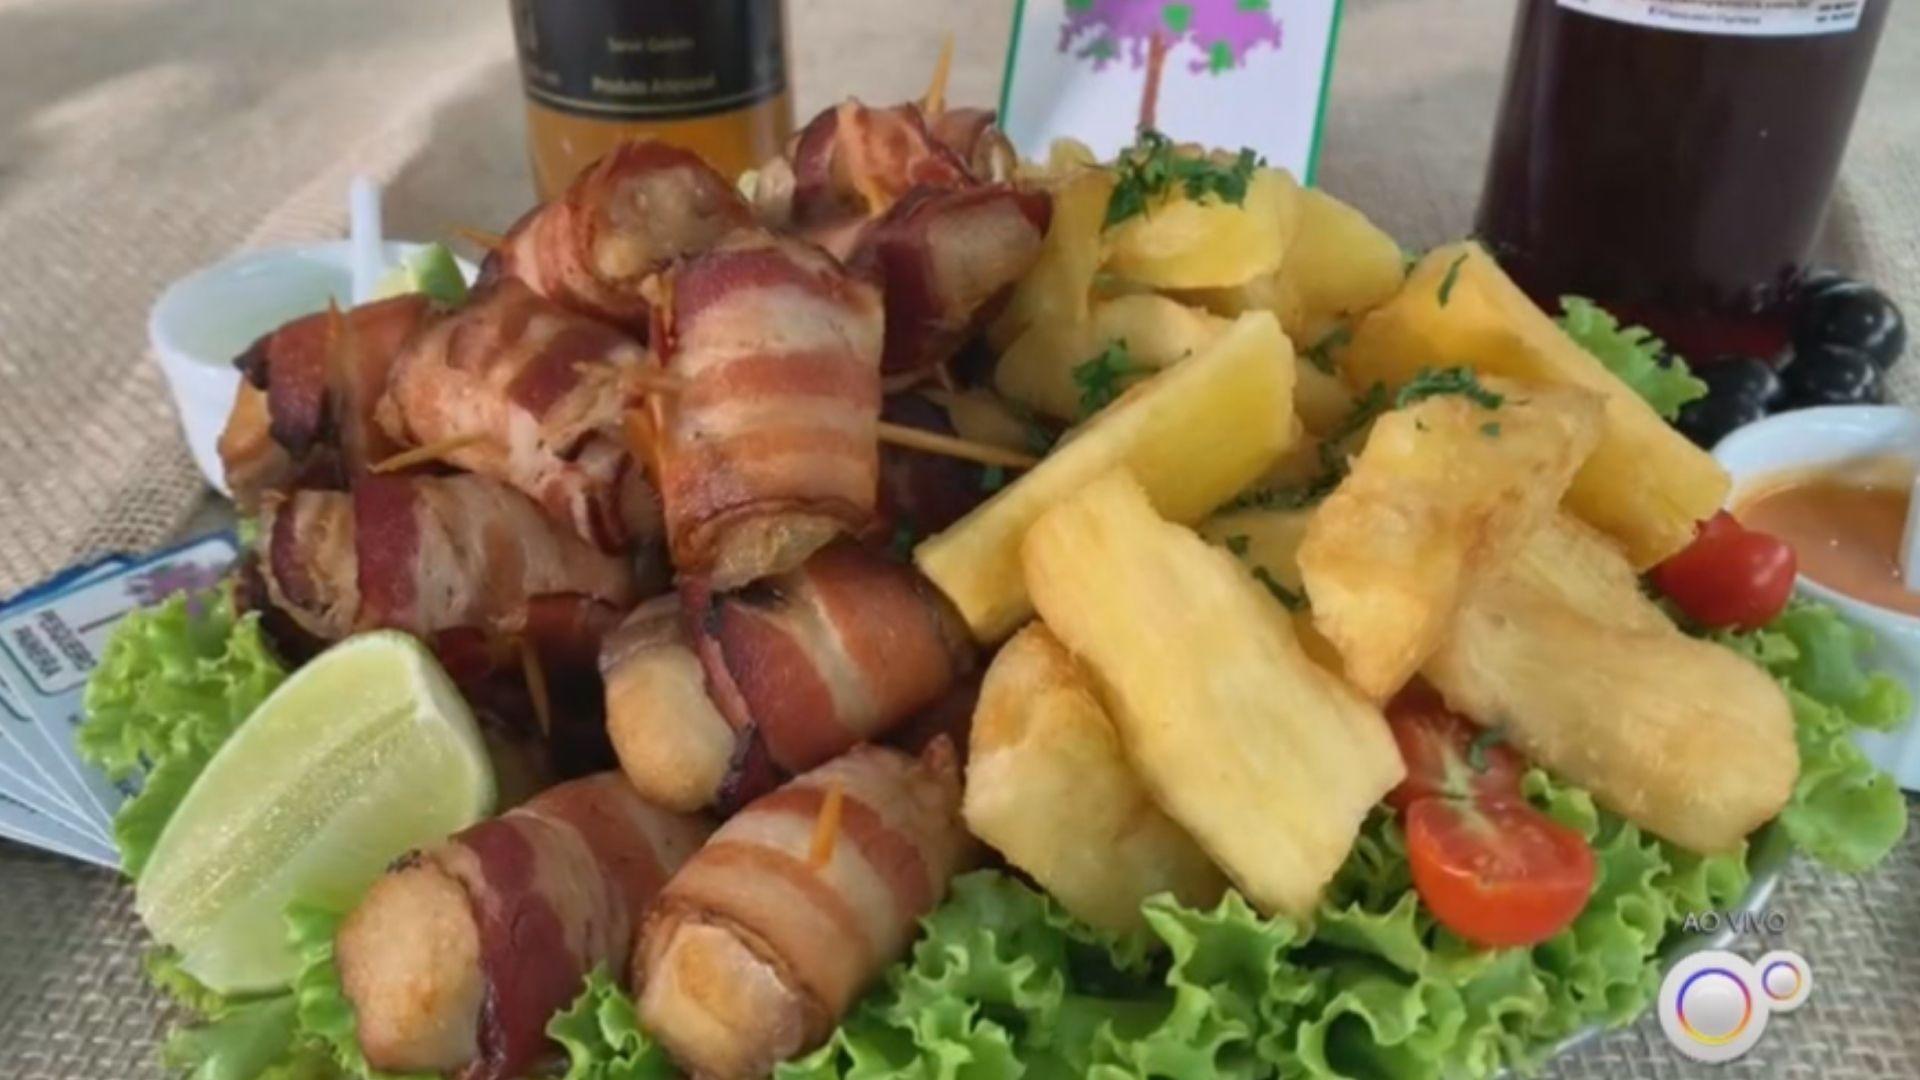 Festival de Gastronomia com receitas de mandioca começa nesta sexta-feira em Santa Maria da Serra